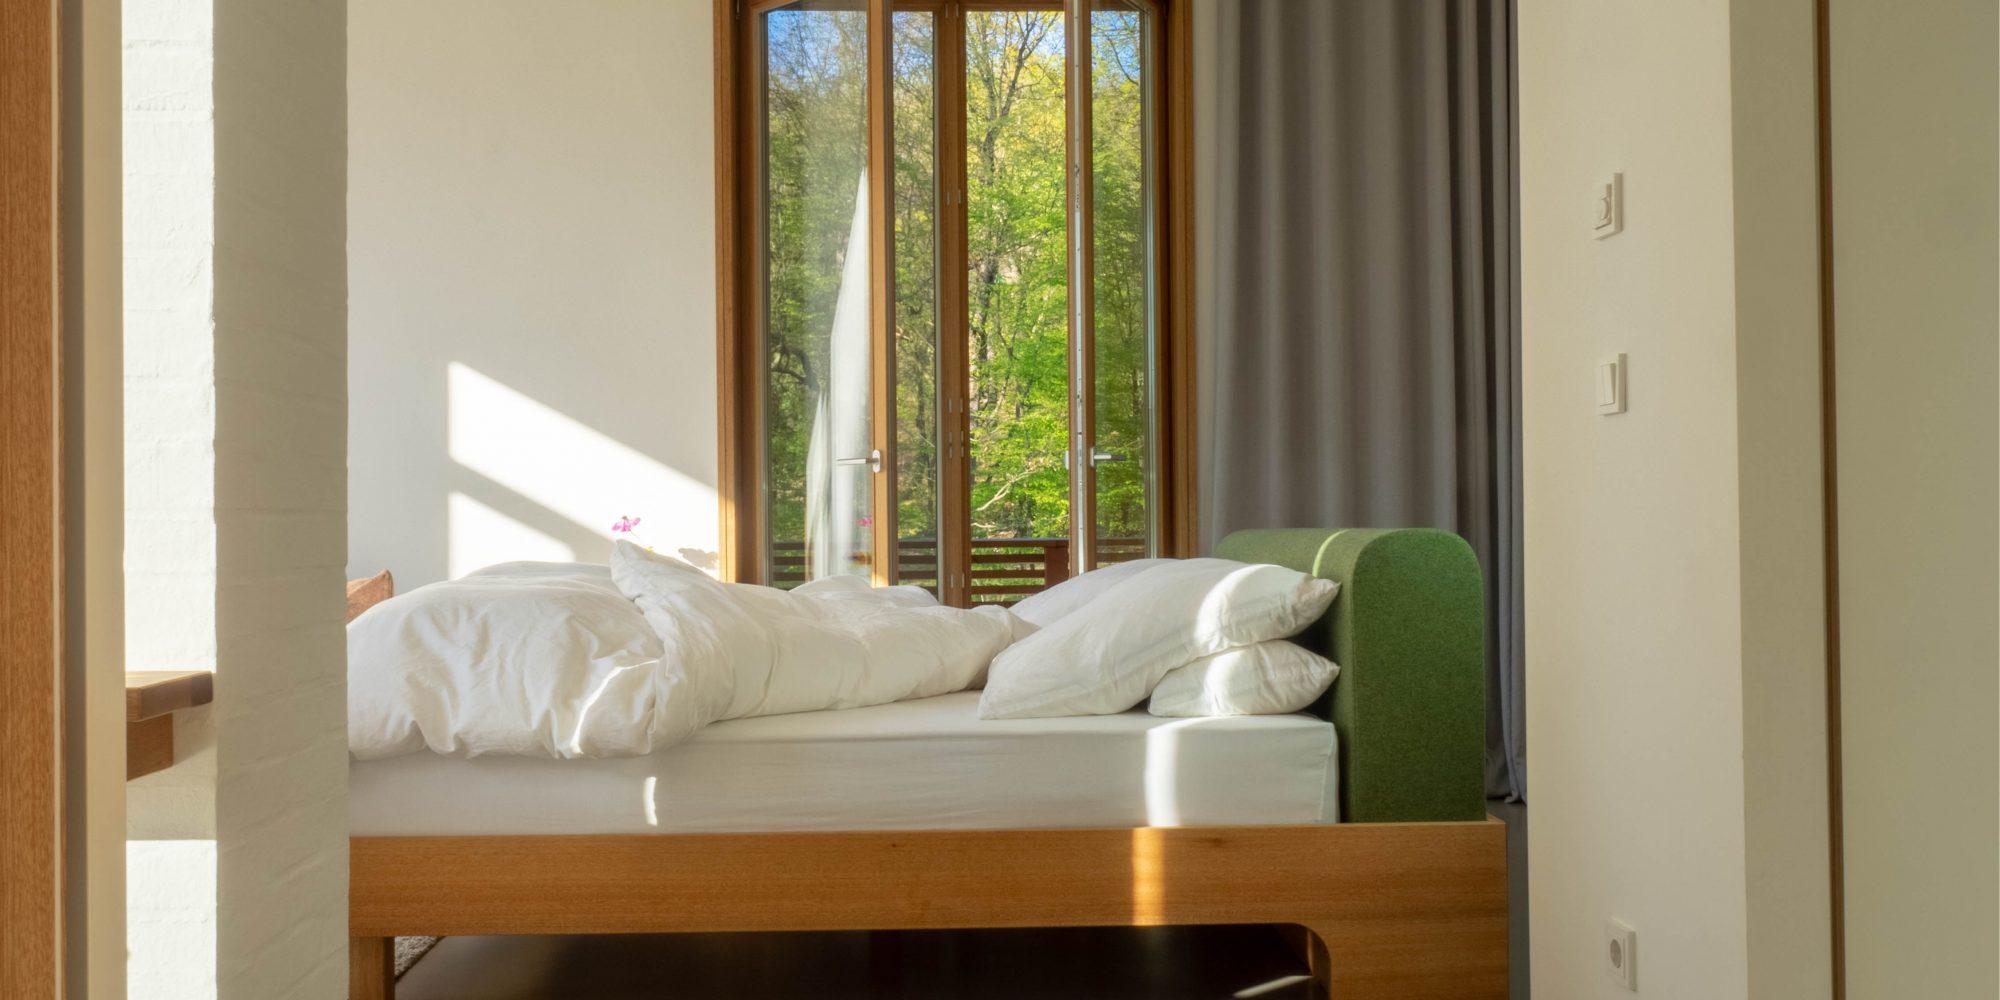 bel étage - Park: Blick durch die Verbindungstür zwischen beiden Wohnungen auf das Bett an der Parkseite. Ein identisches Doppelbett steht in der bel étage Allee